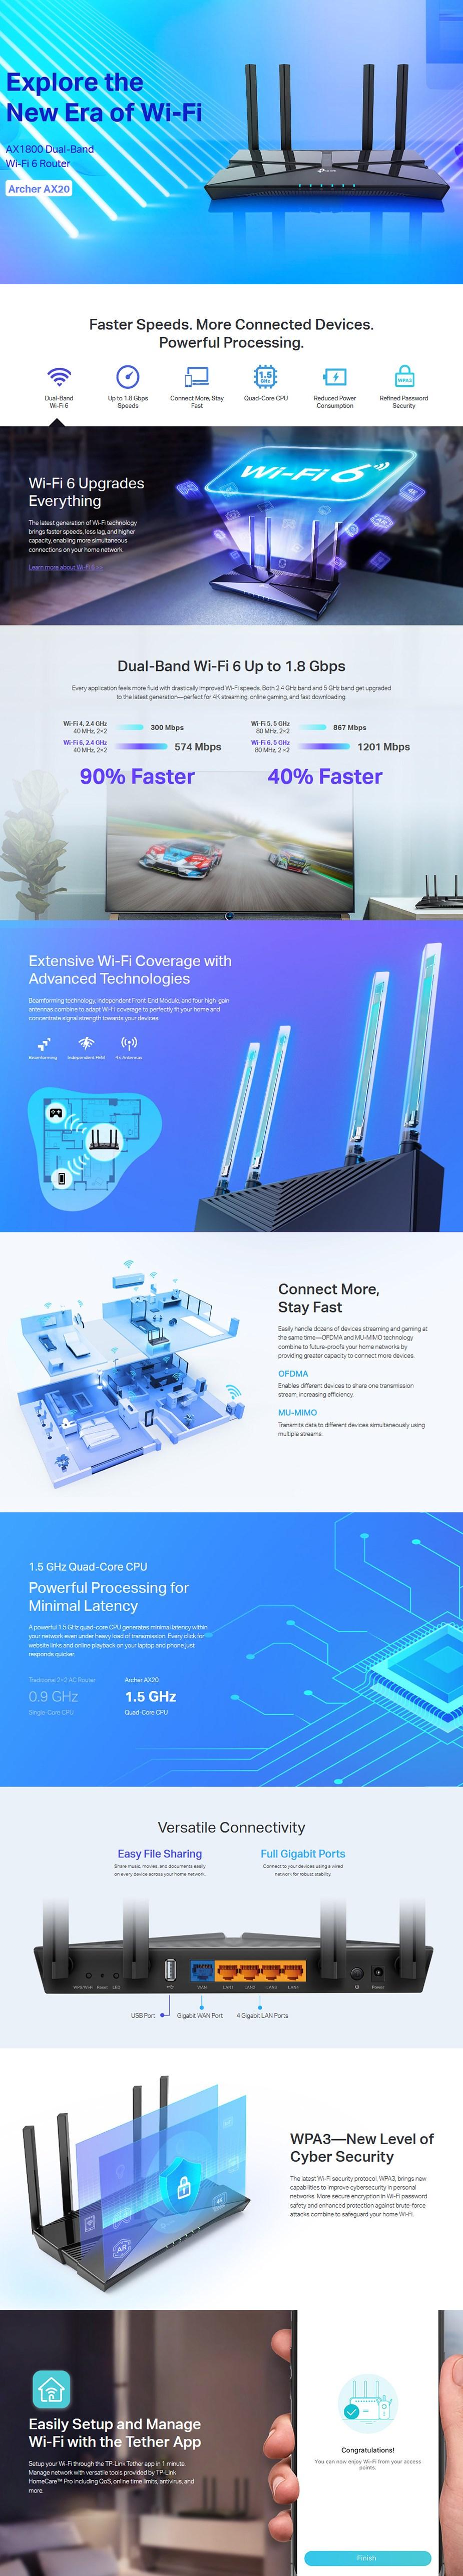 tplink-archer-ax20-ax1800-dualband-wifi-6-router-ac34683-6.jpg